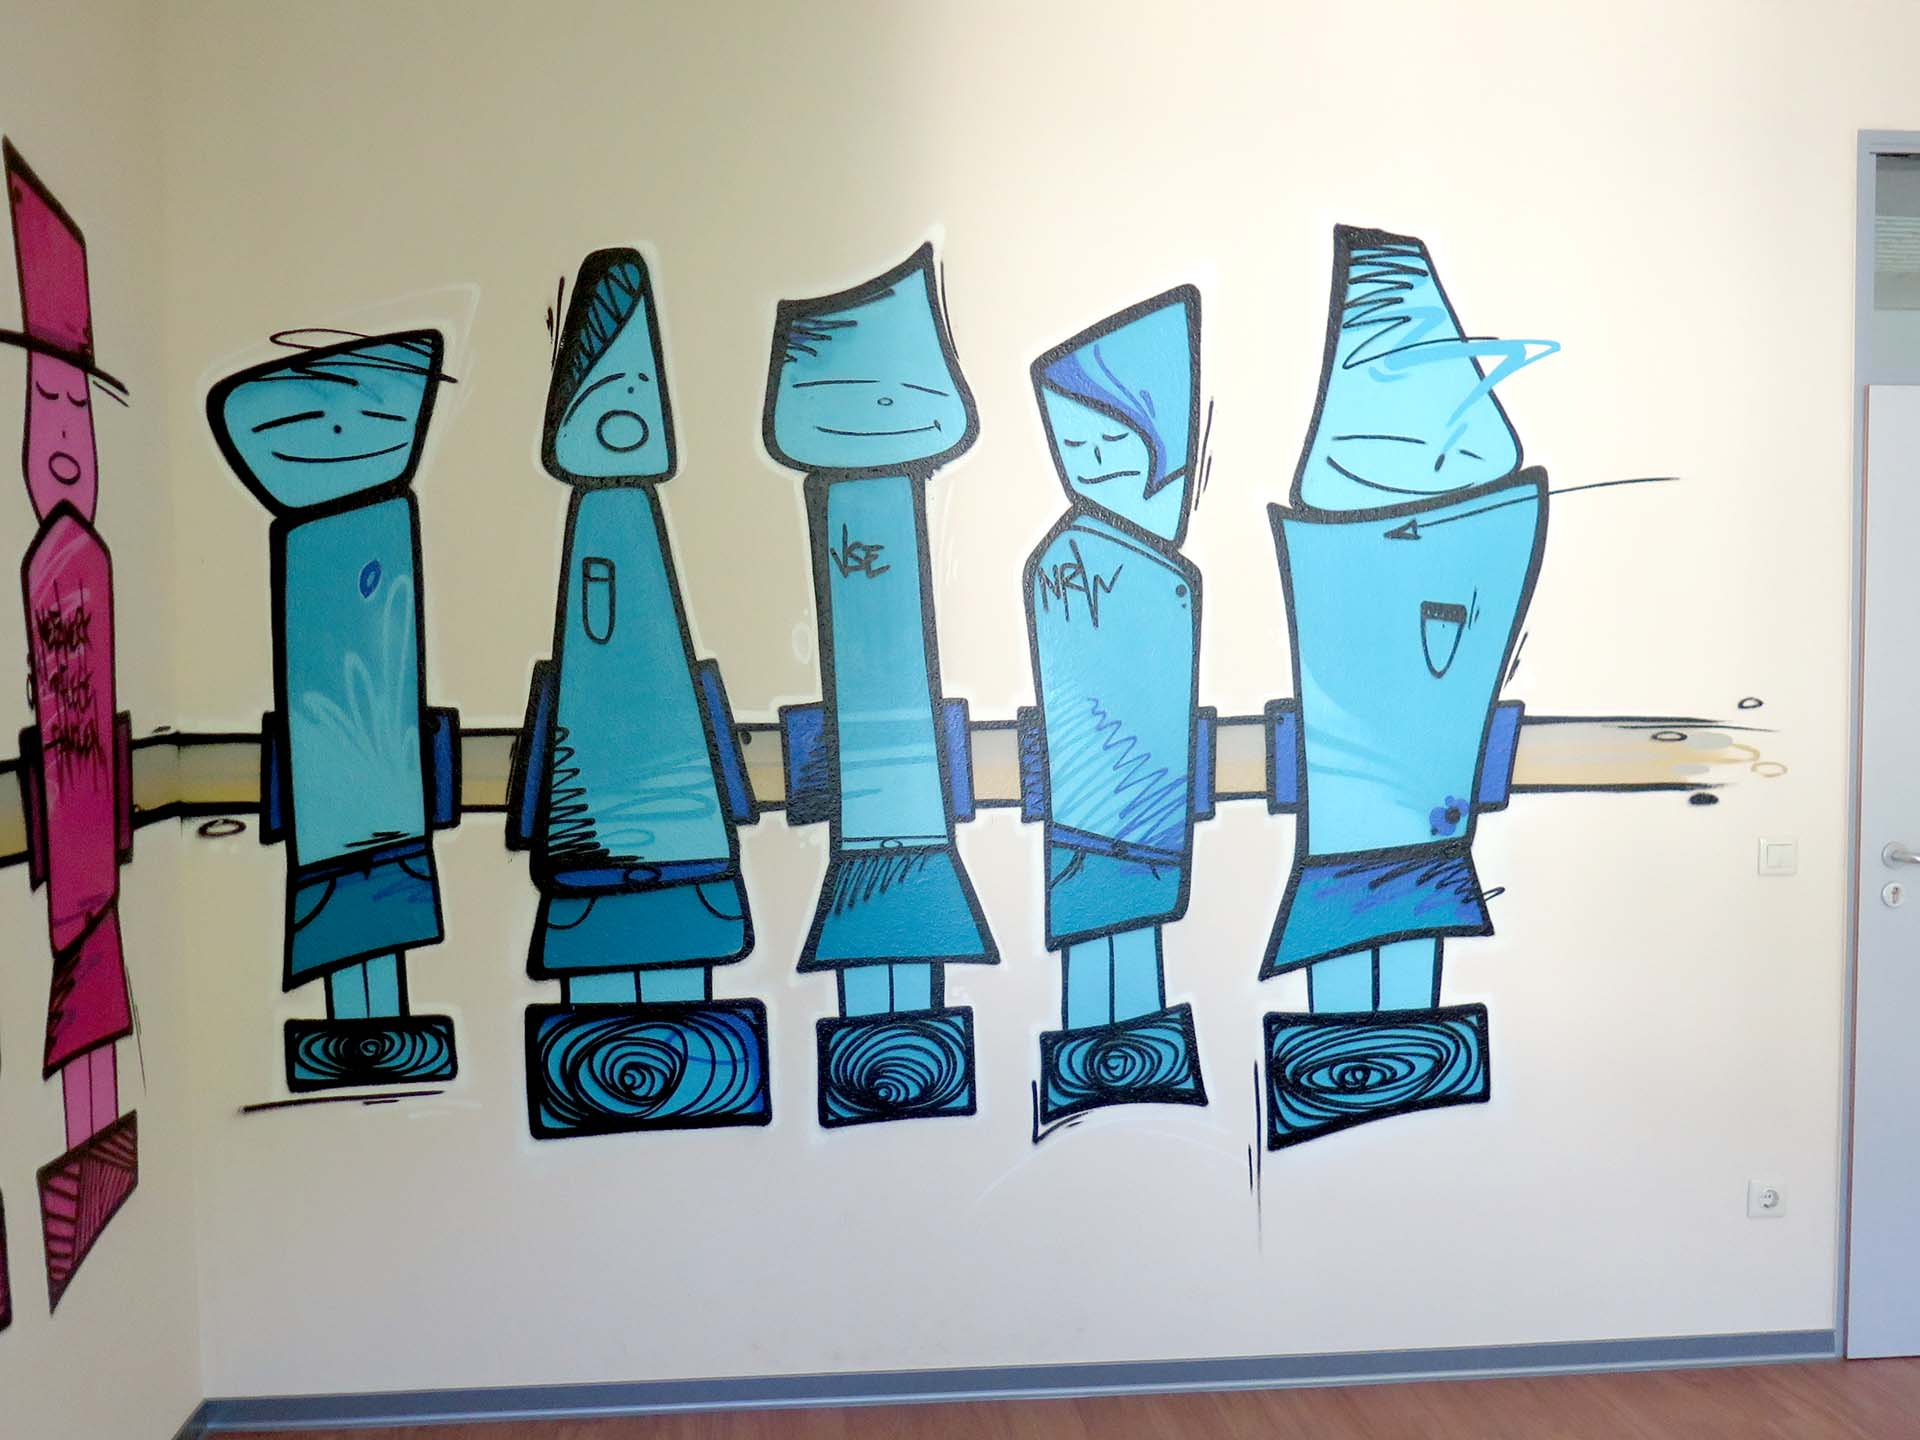 Firmen, Graffiti, Kunst, Laden, Urban, Design, Münster, Sprayer, Unternehmen, Bennet Grüttner, Studio Auckz